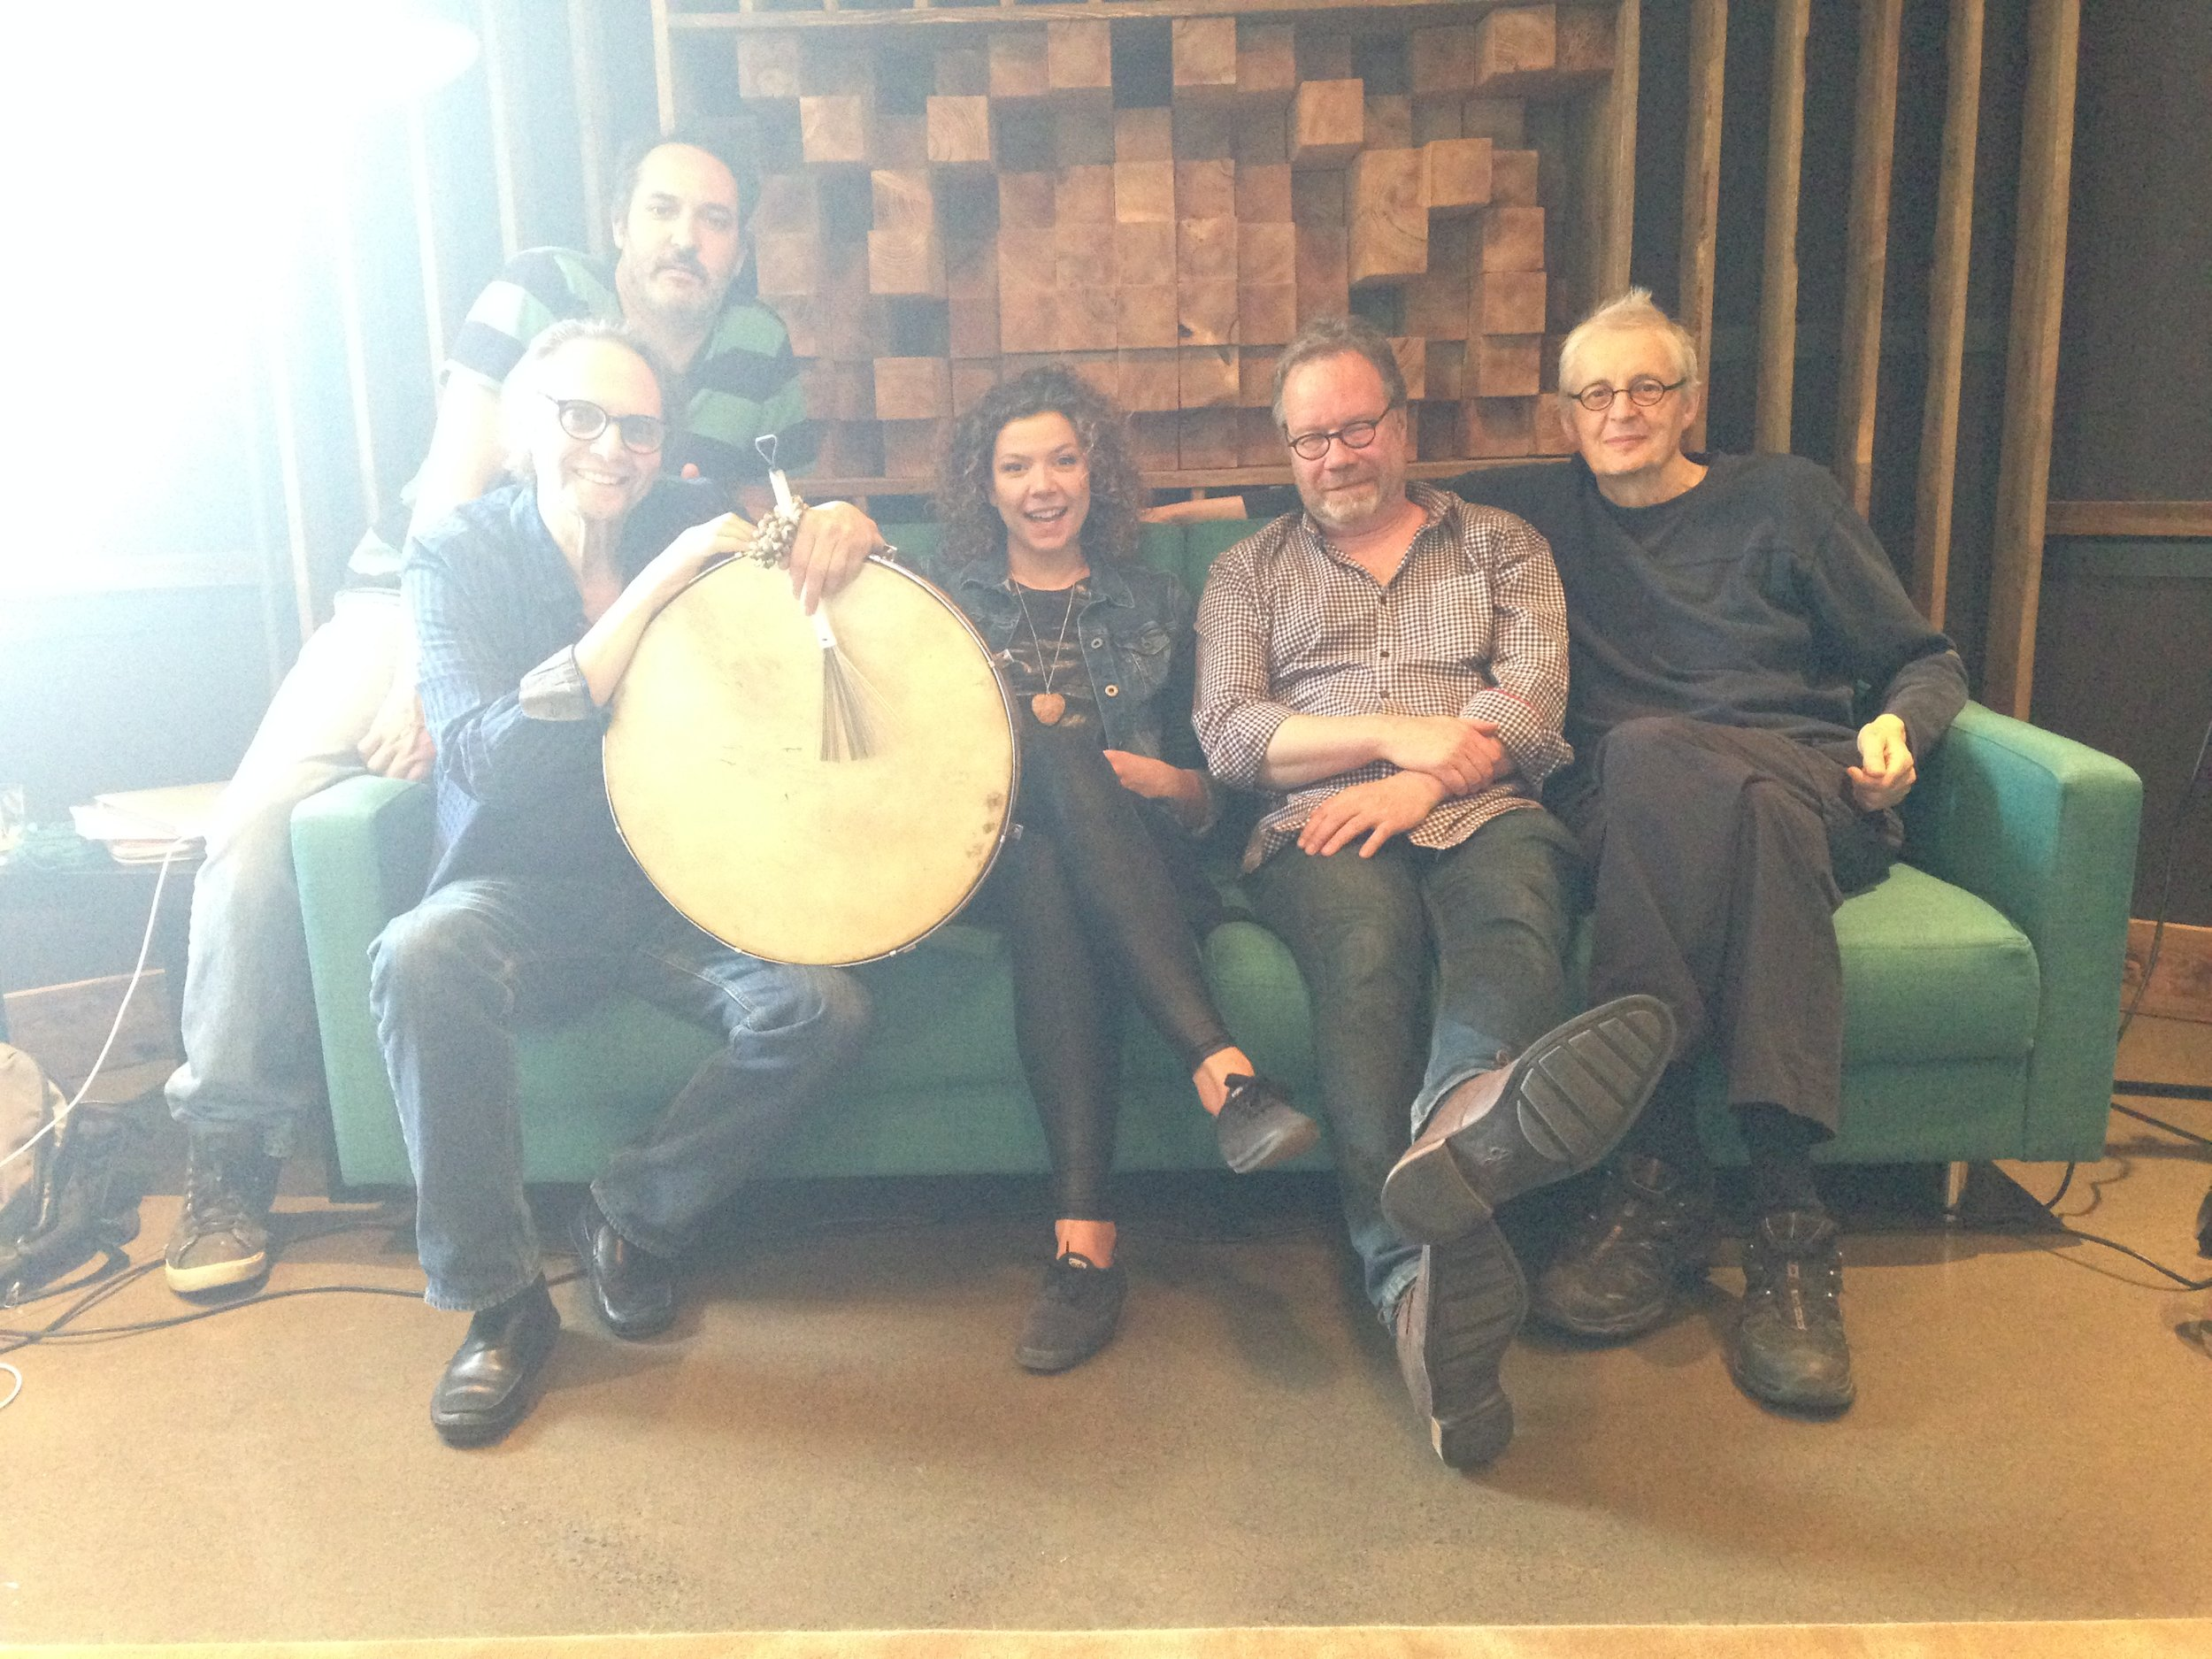 Photo de famille: Justin Allard, Paul Picard, moi, Marc Pérusse et Daniel Hubert.